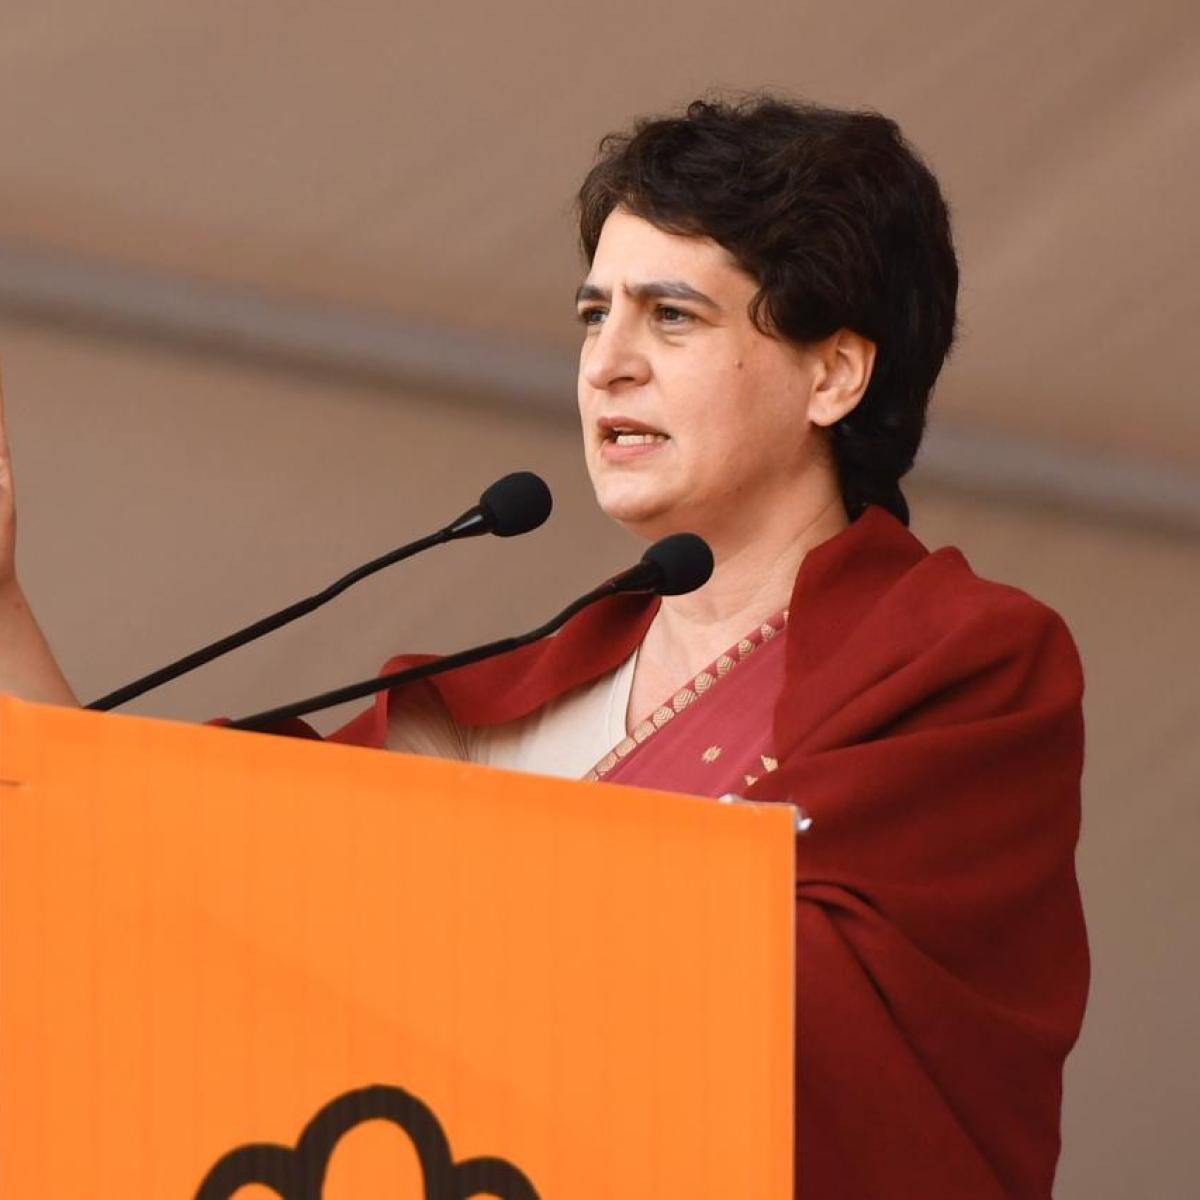 Uttar Pradesh Govt accepts Priyanka Gandhi's offer, asks for details of 1000 buses for migrants